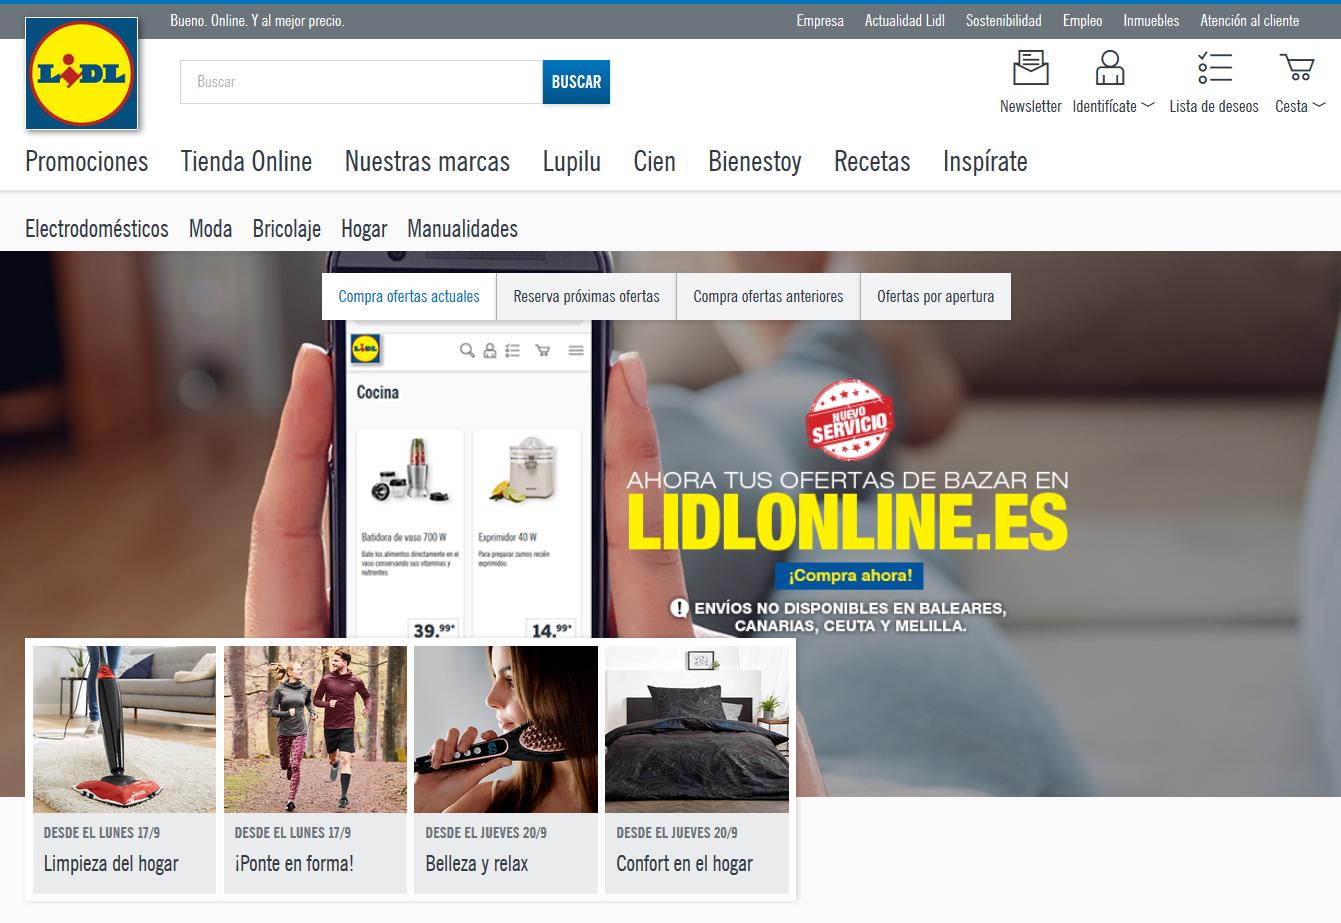 9e294ddad20b6 Lidl lanza su tienda online de bazar en España - Libre Mercado